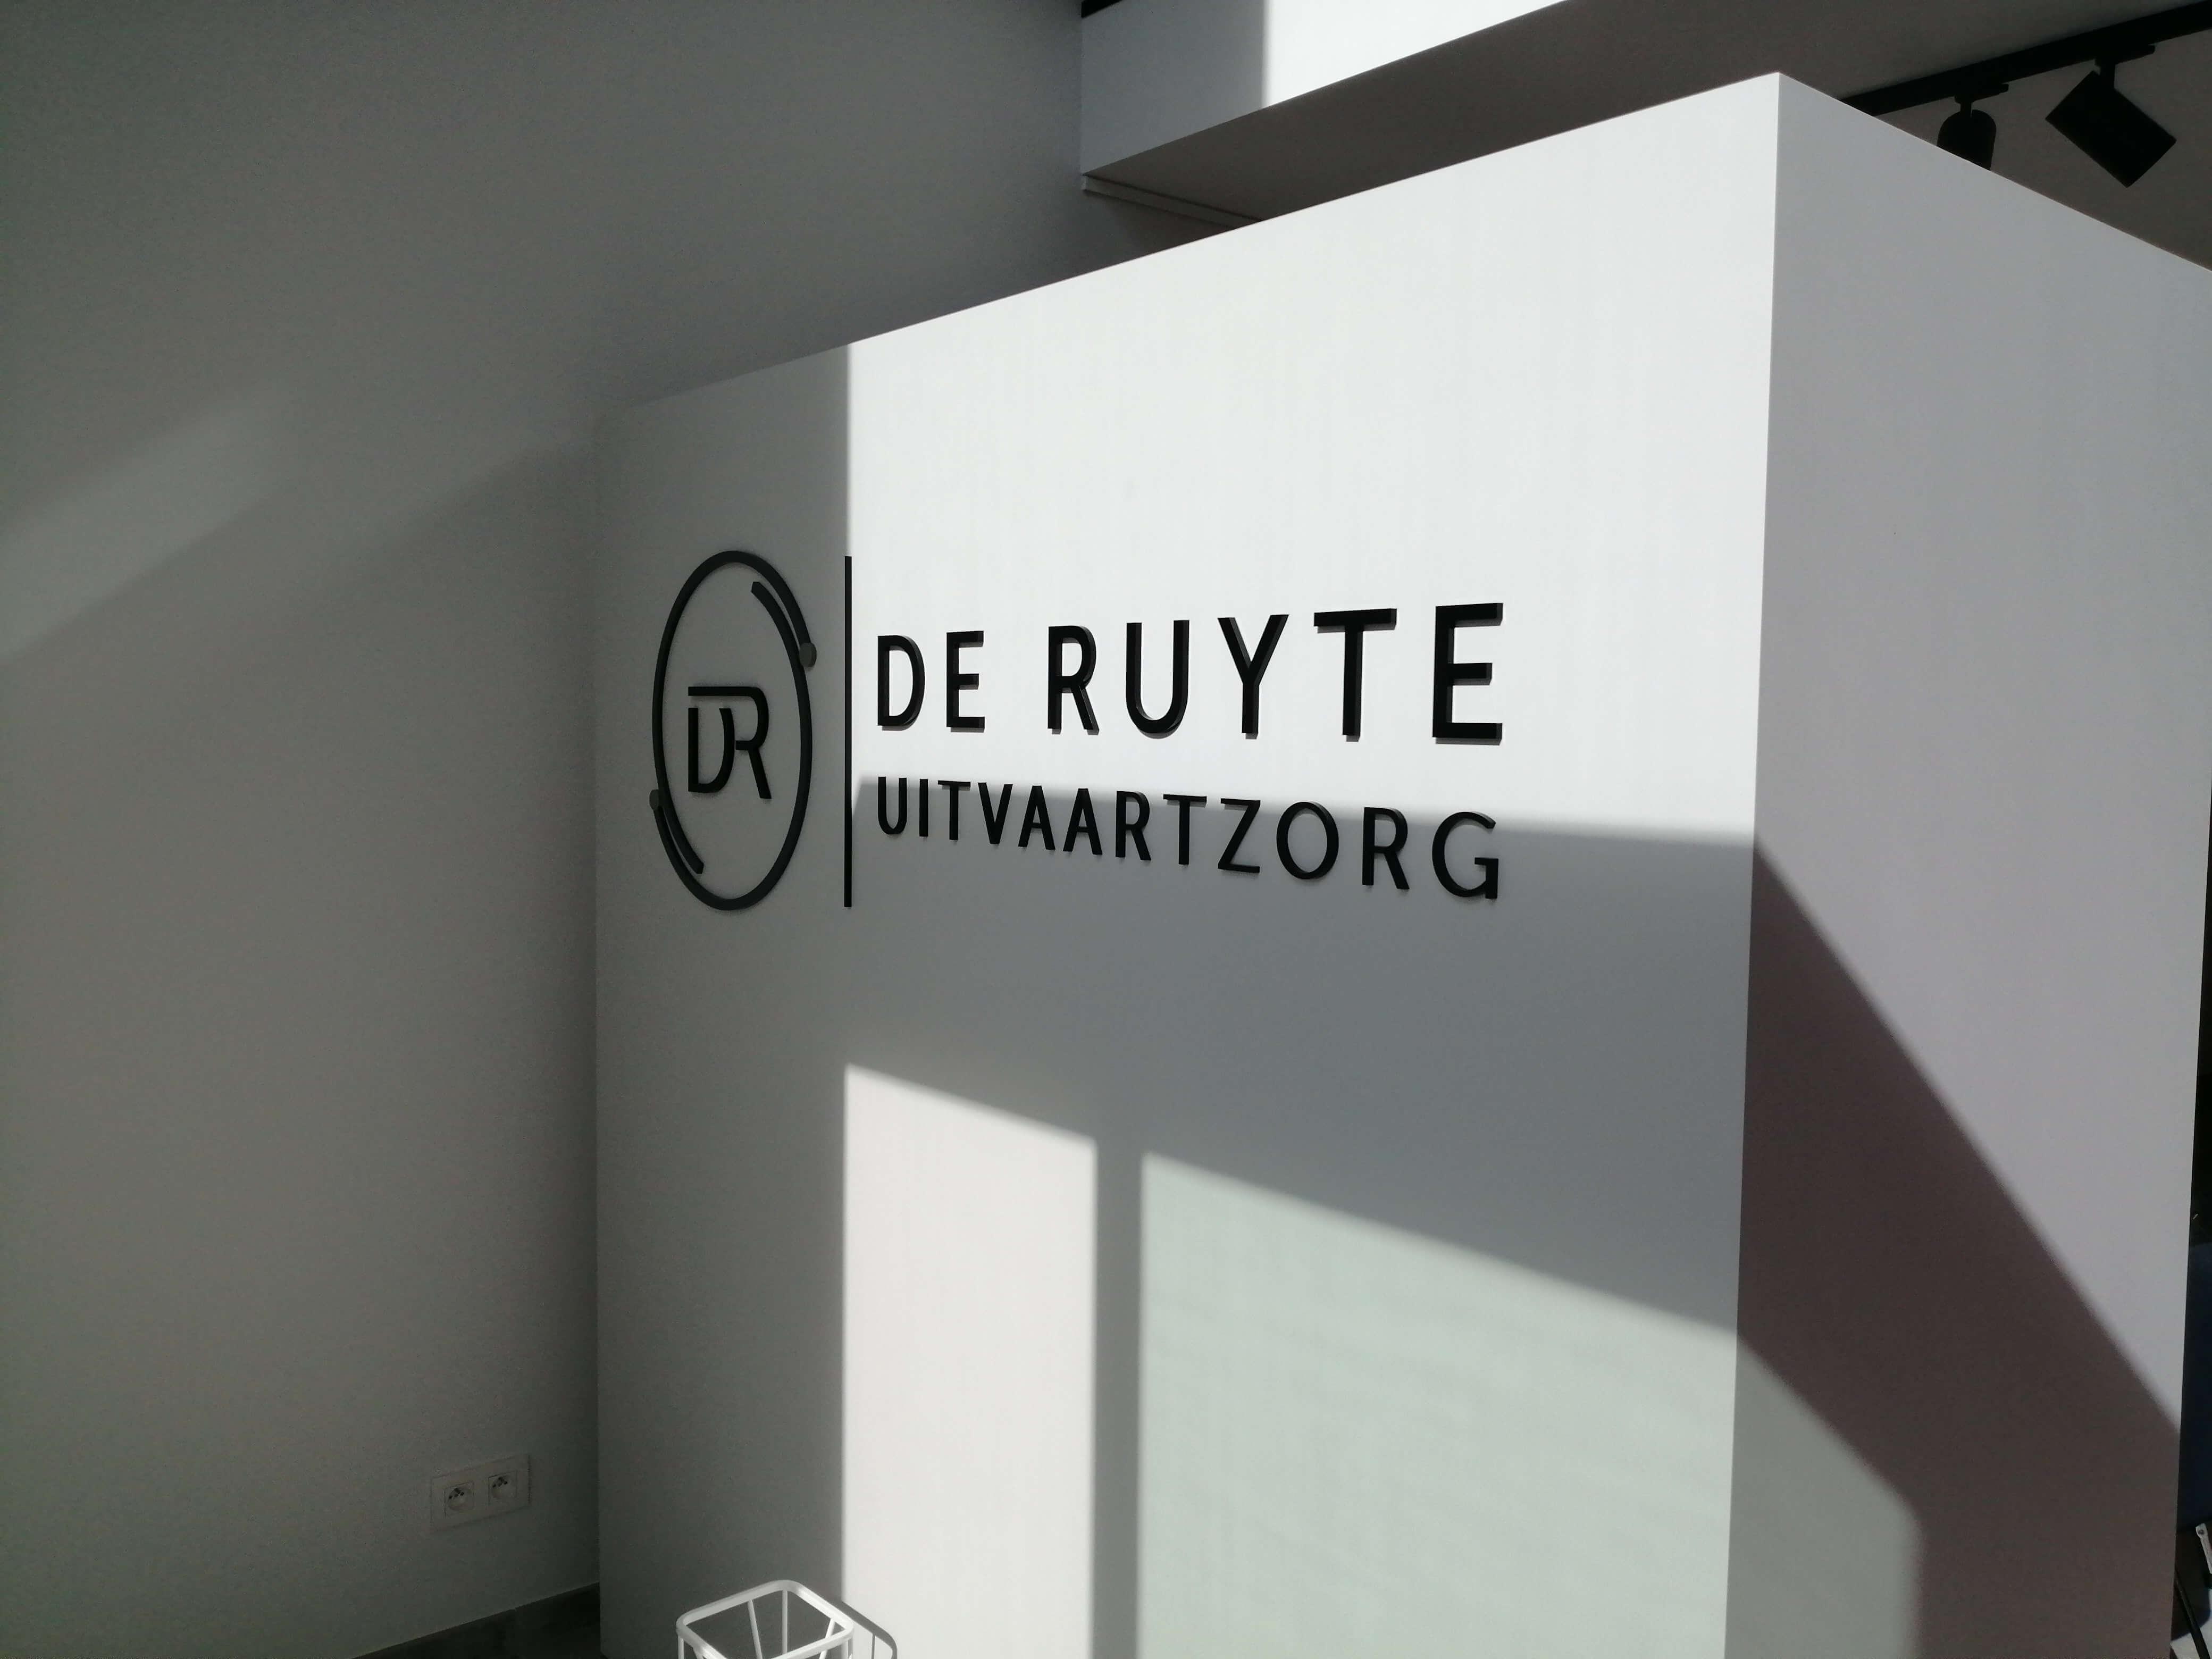 Aankleding pand Uitvaartzorg De Ruyte